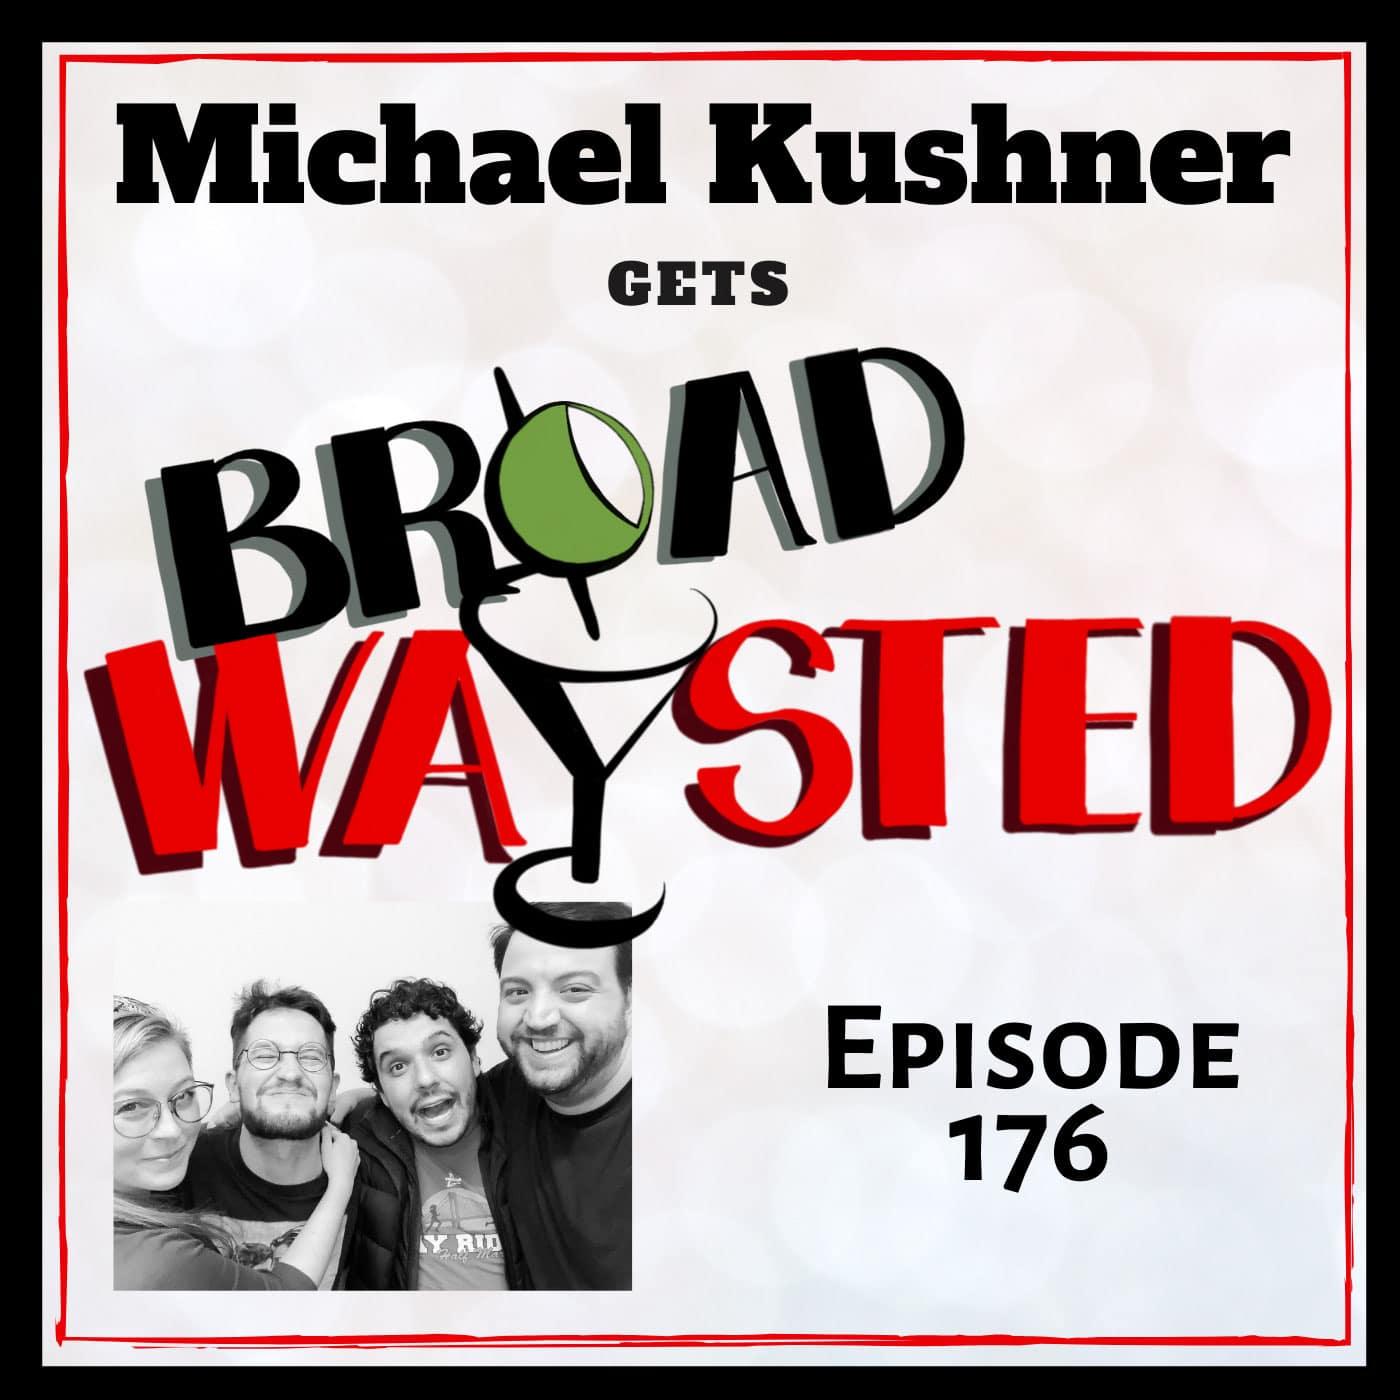 Broadwaysted Episode 176: Michael Kushner get Broadwaysted!